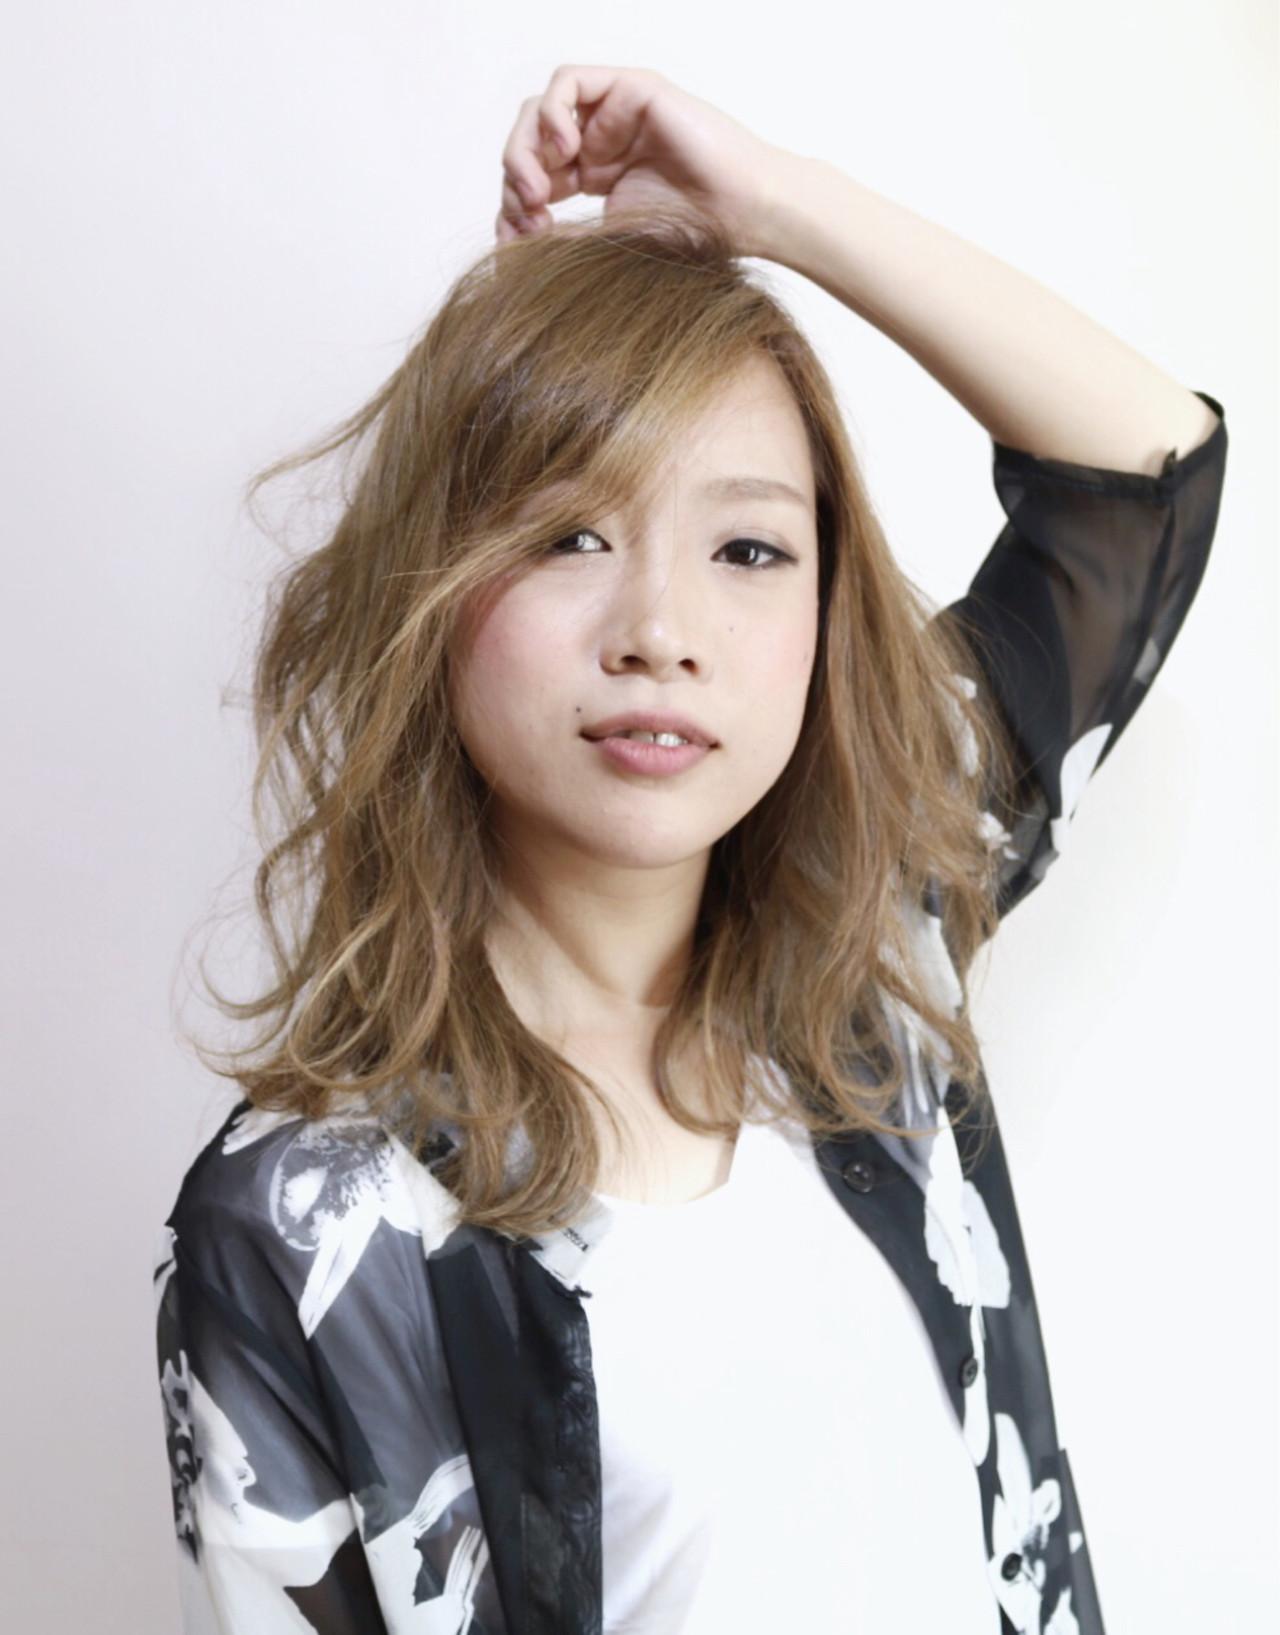 ハイトーン 外国人風 ミディアム ハイライト ヘアスタイルや髪型の写真・画像 | 蝦名貴之 / KINTARO